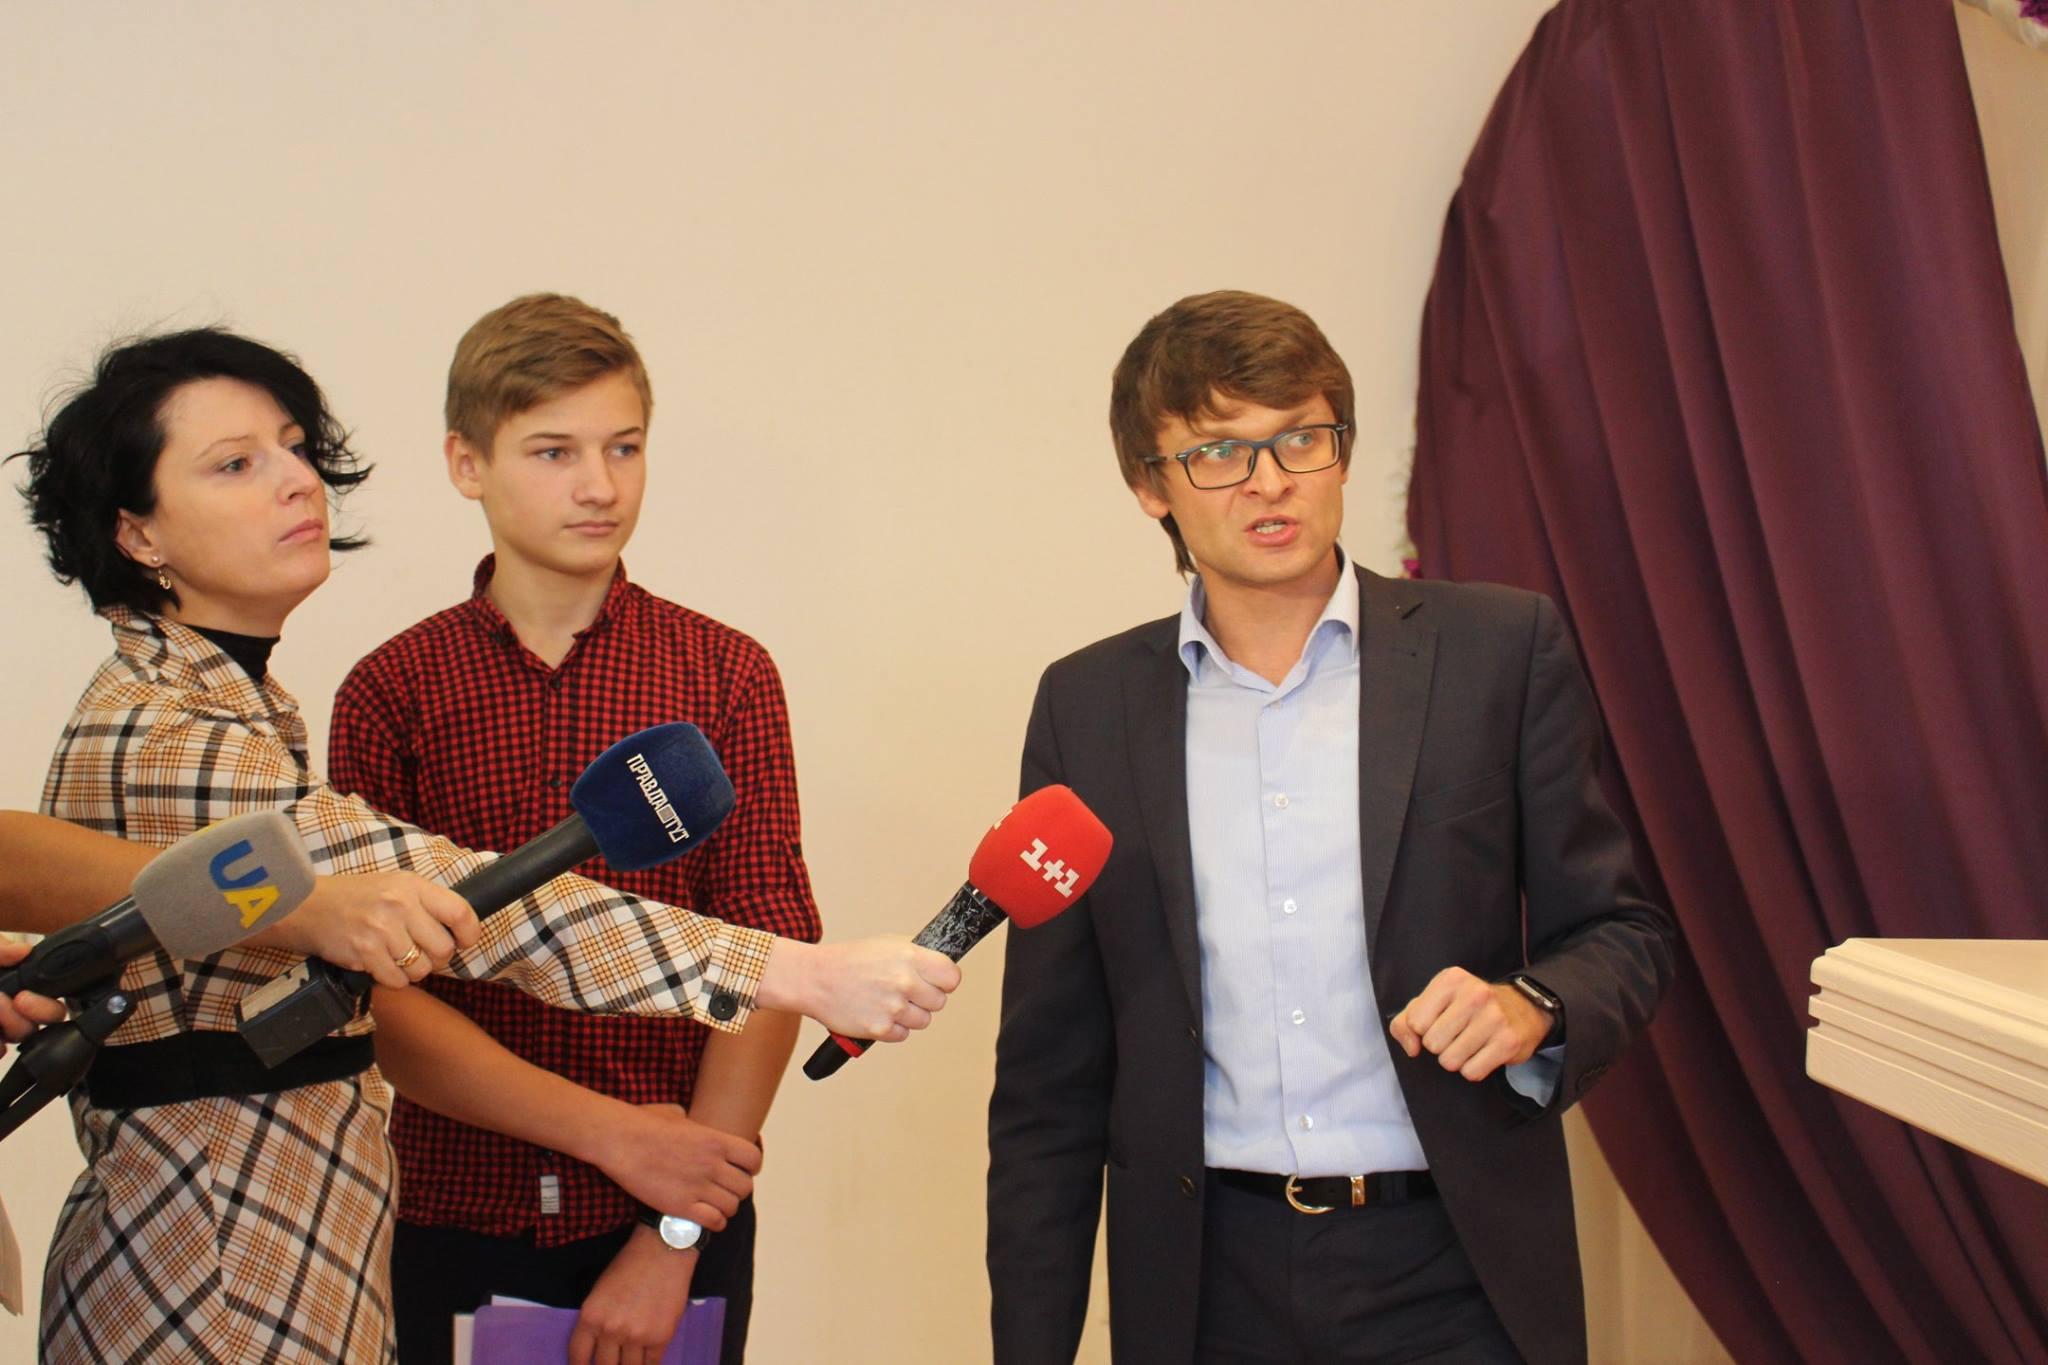 Станіслав Куценко: «Наше законодавство зараз перебуває у фазі свого найвищого історичного розвитку»